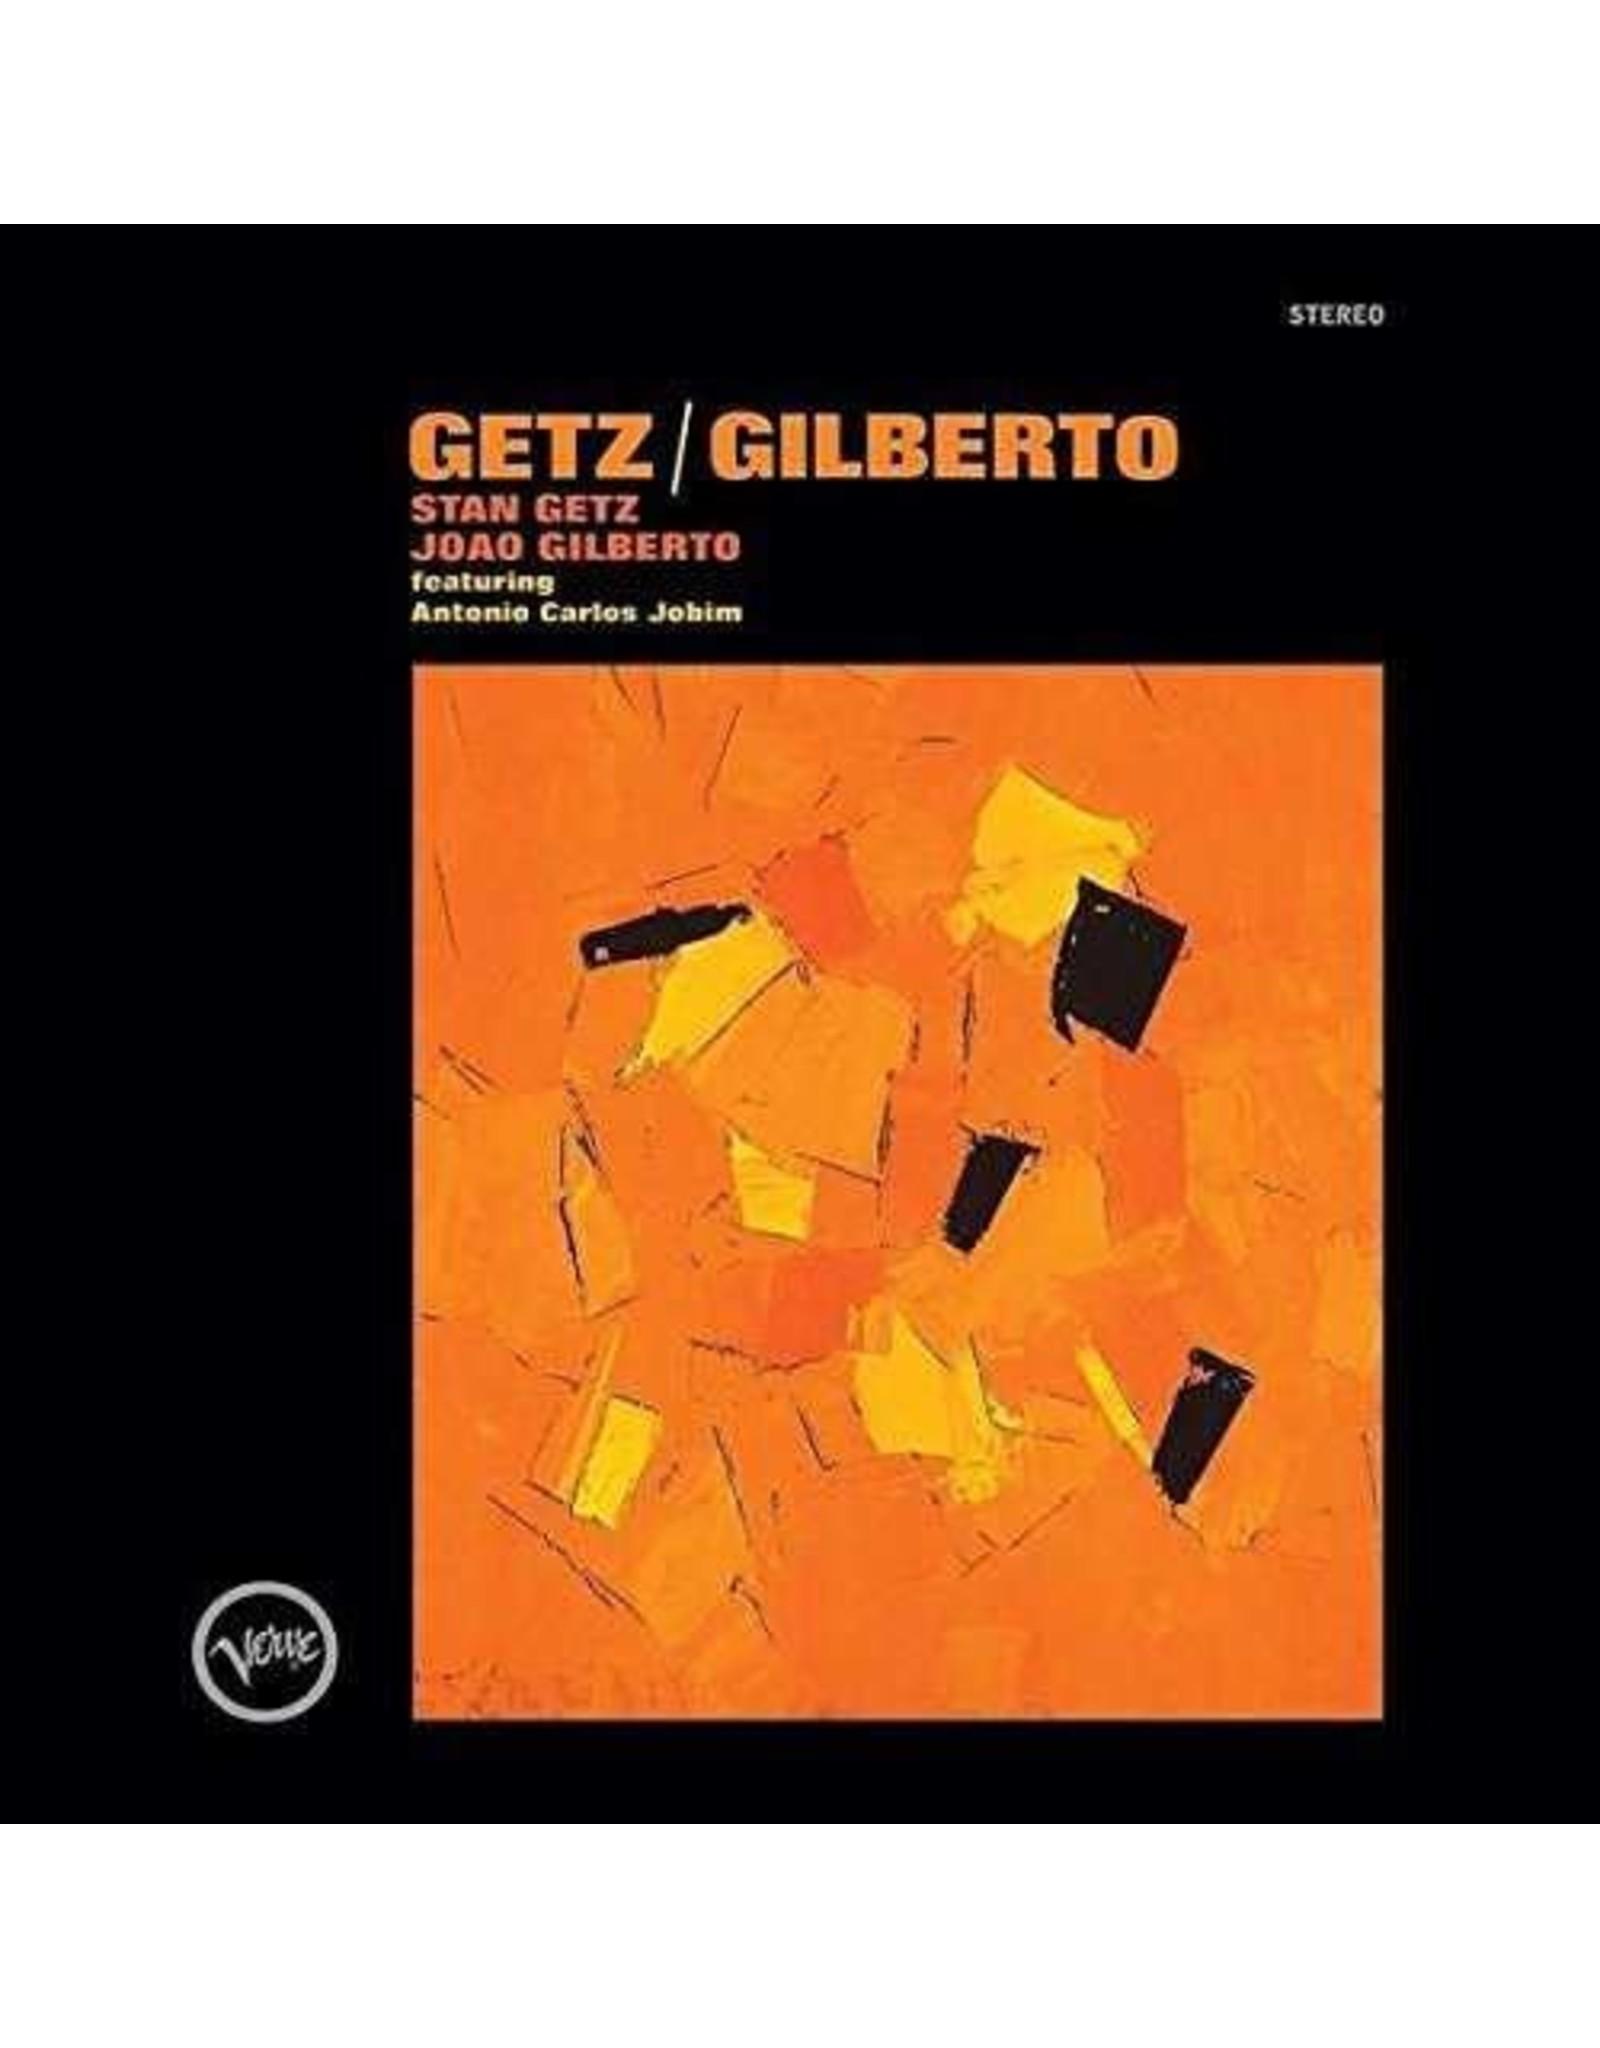 Getz, Stan & Gilberto, Joao - Getz/Gilberto LP